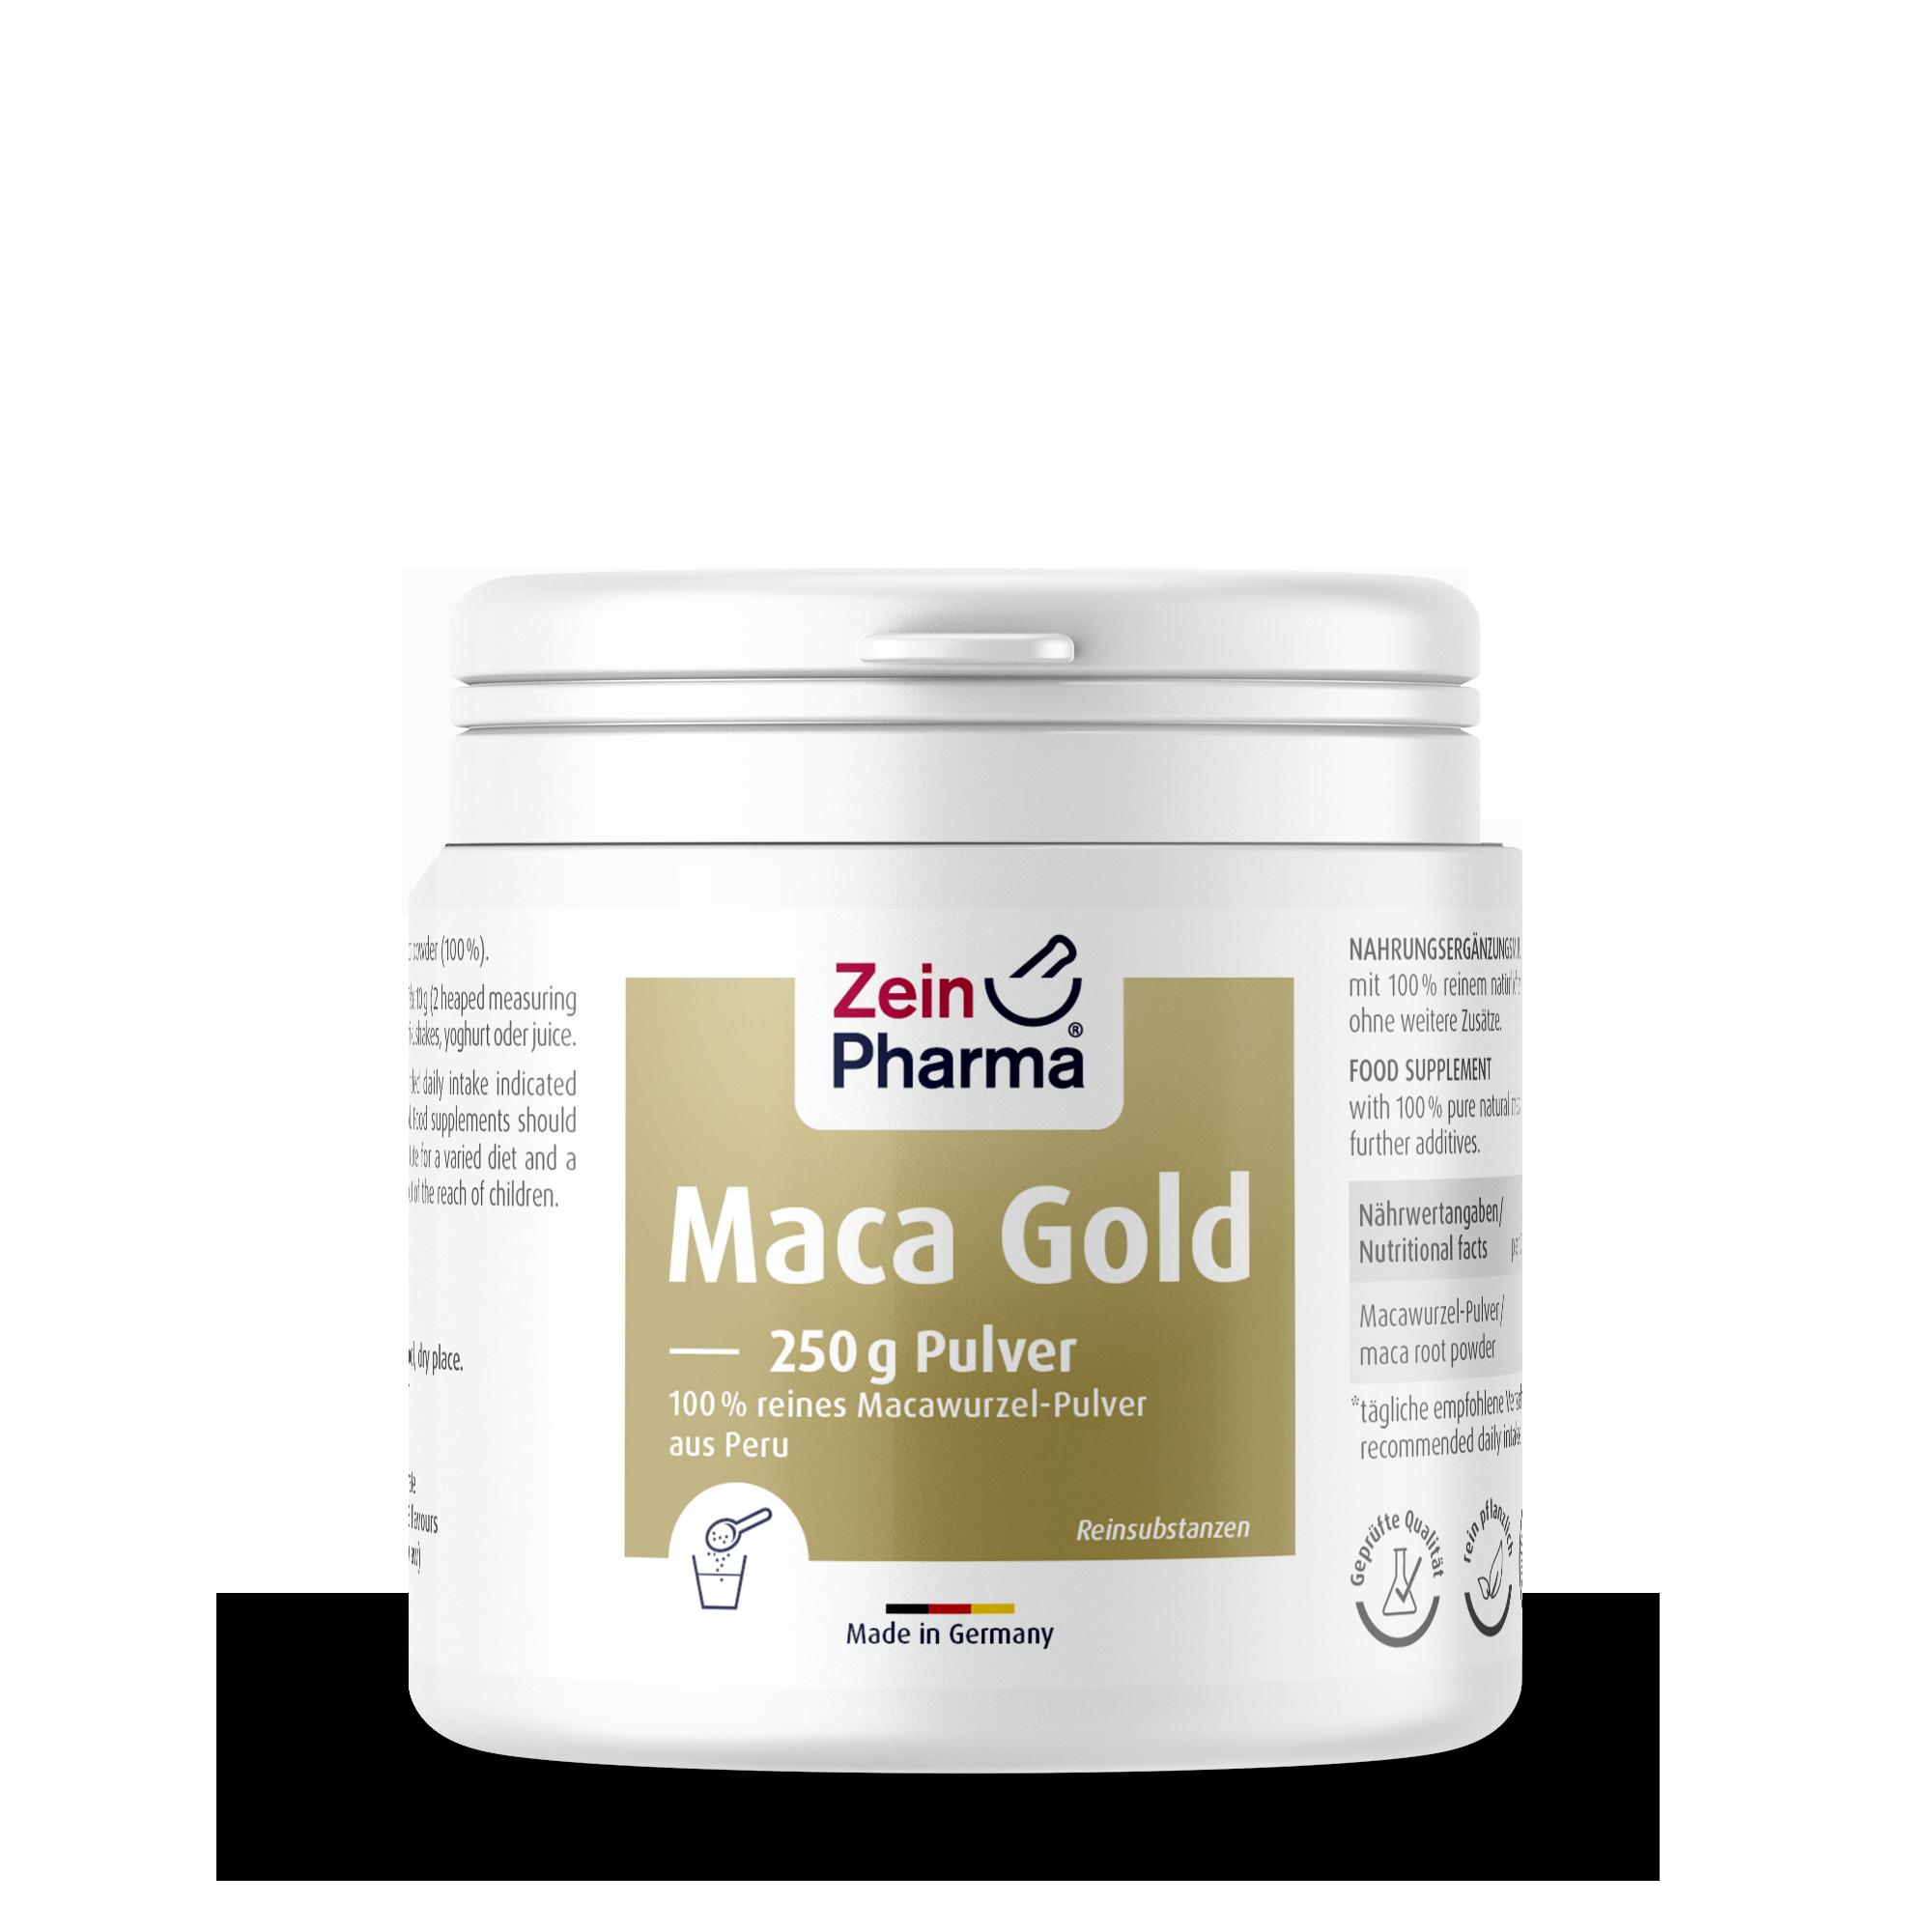 Maca Gold Pulver 250 g